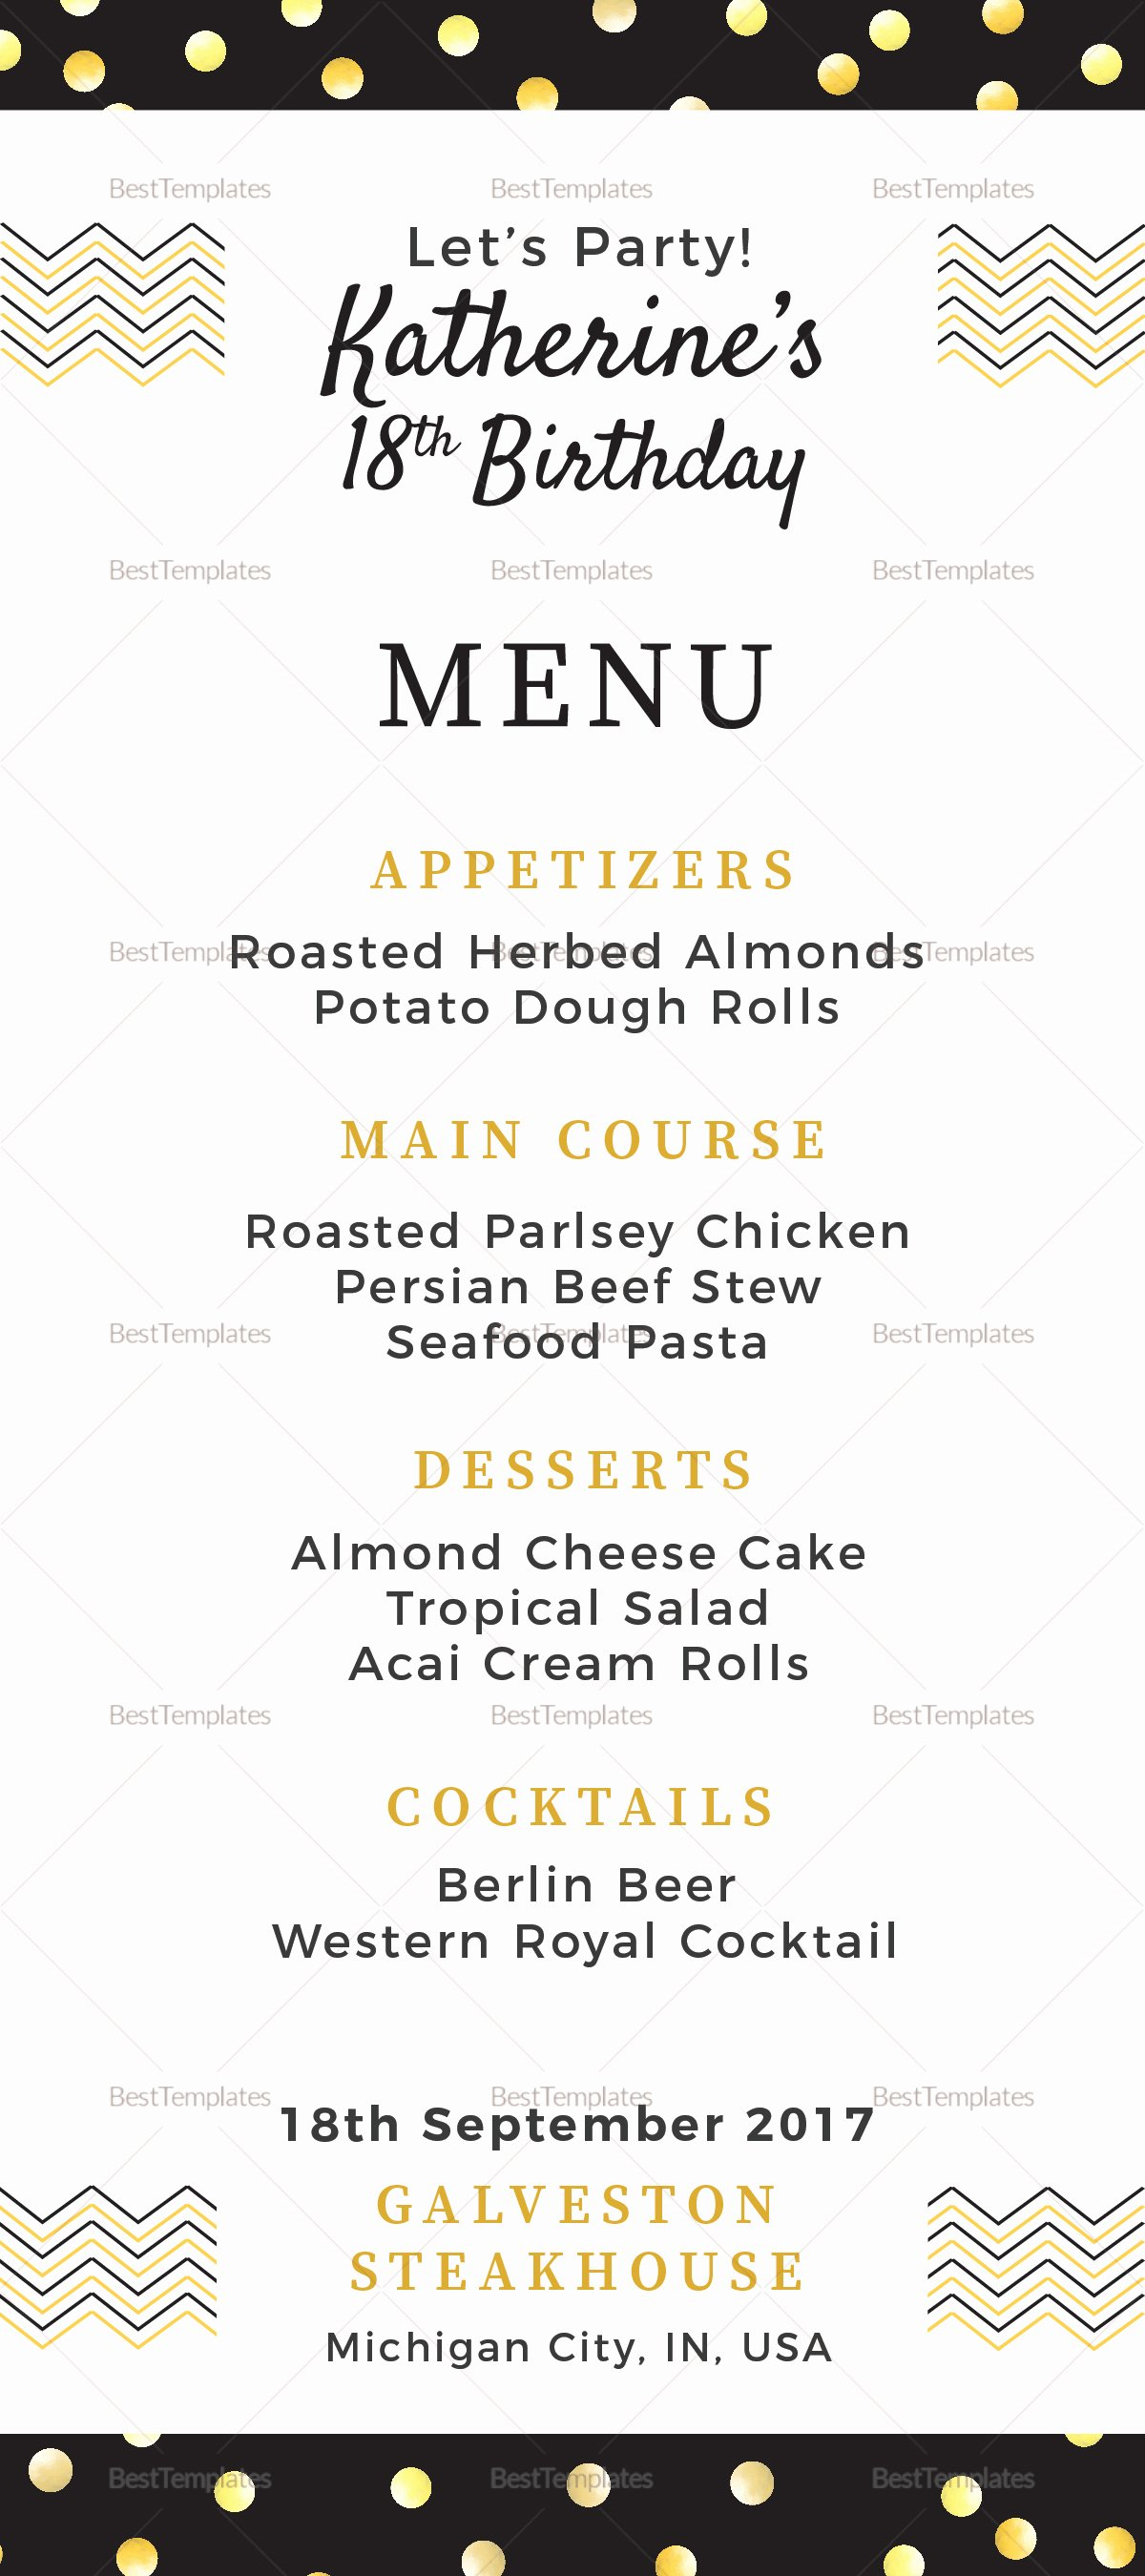 Dinner Menu Template Word Luxury Birthday Dinner Party Menu Design Template In Psd Word